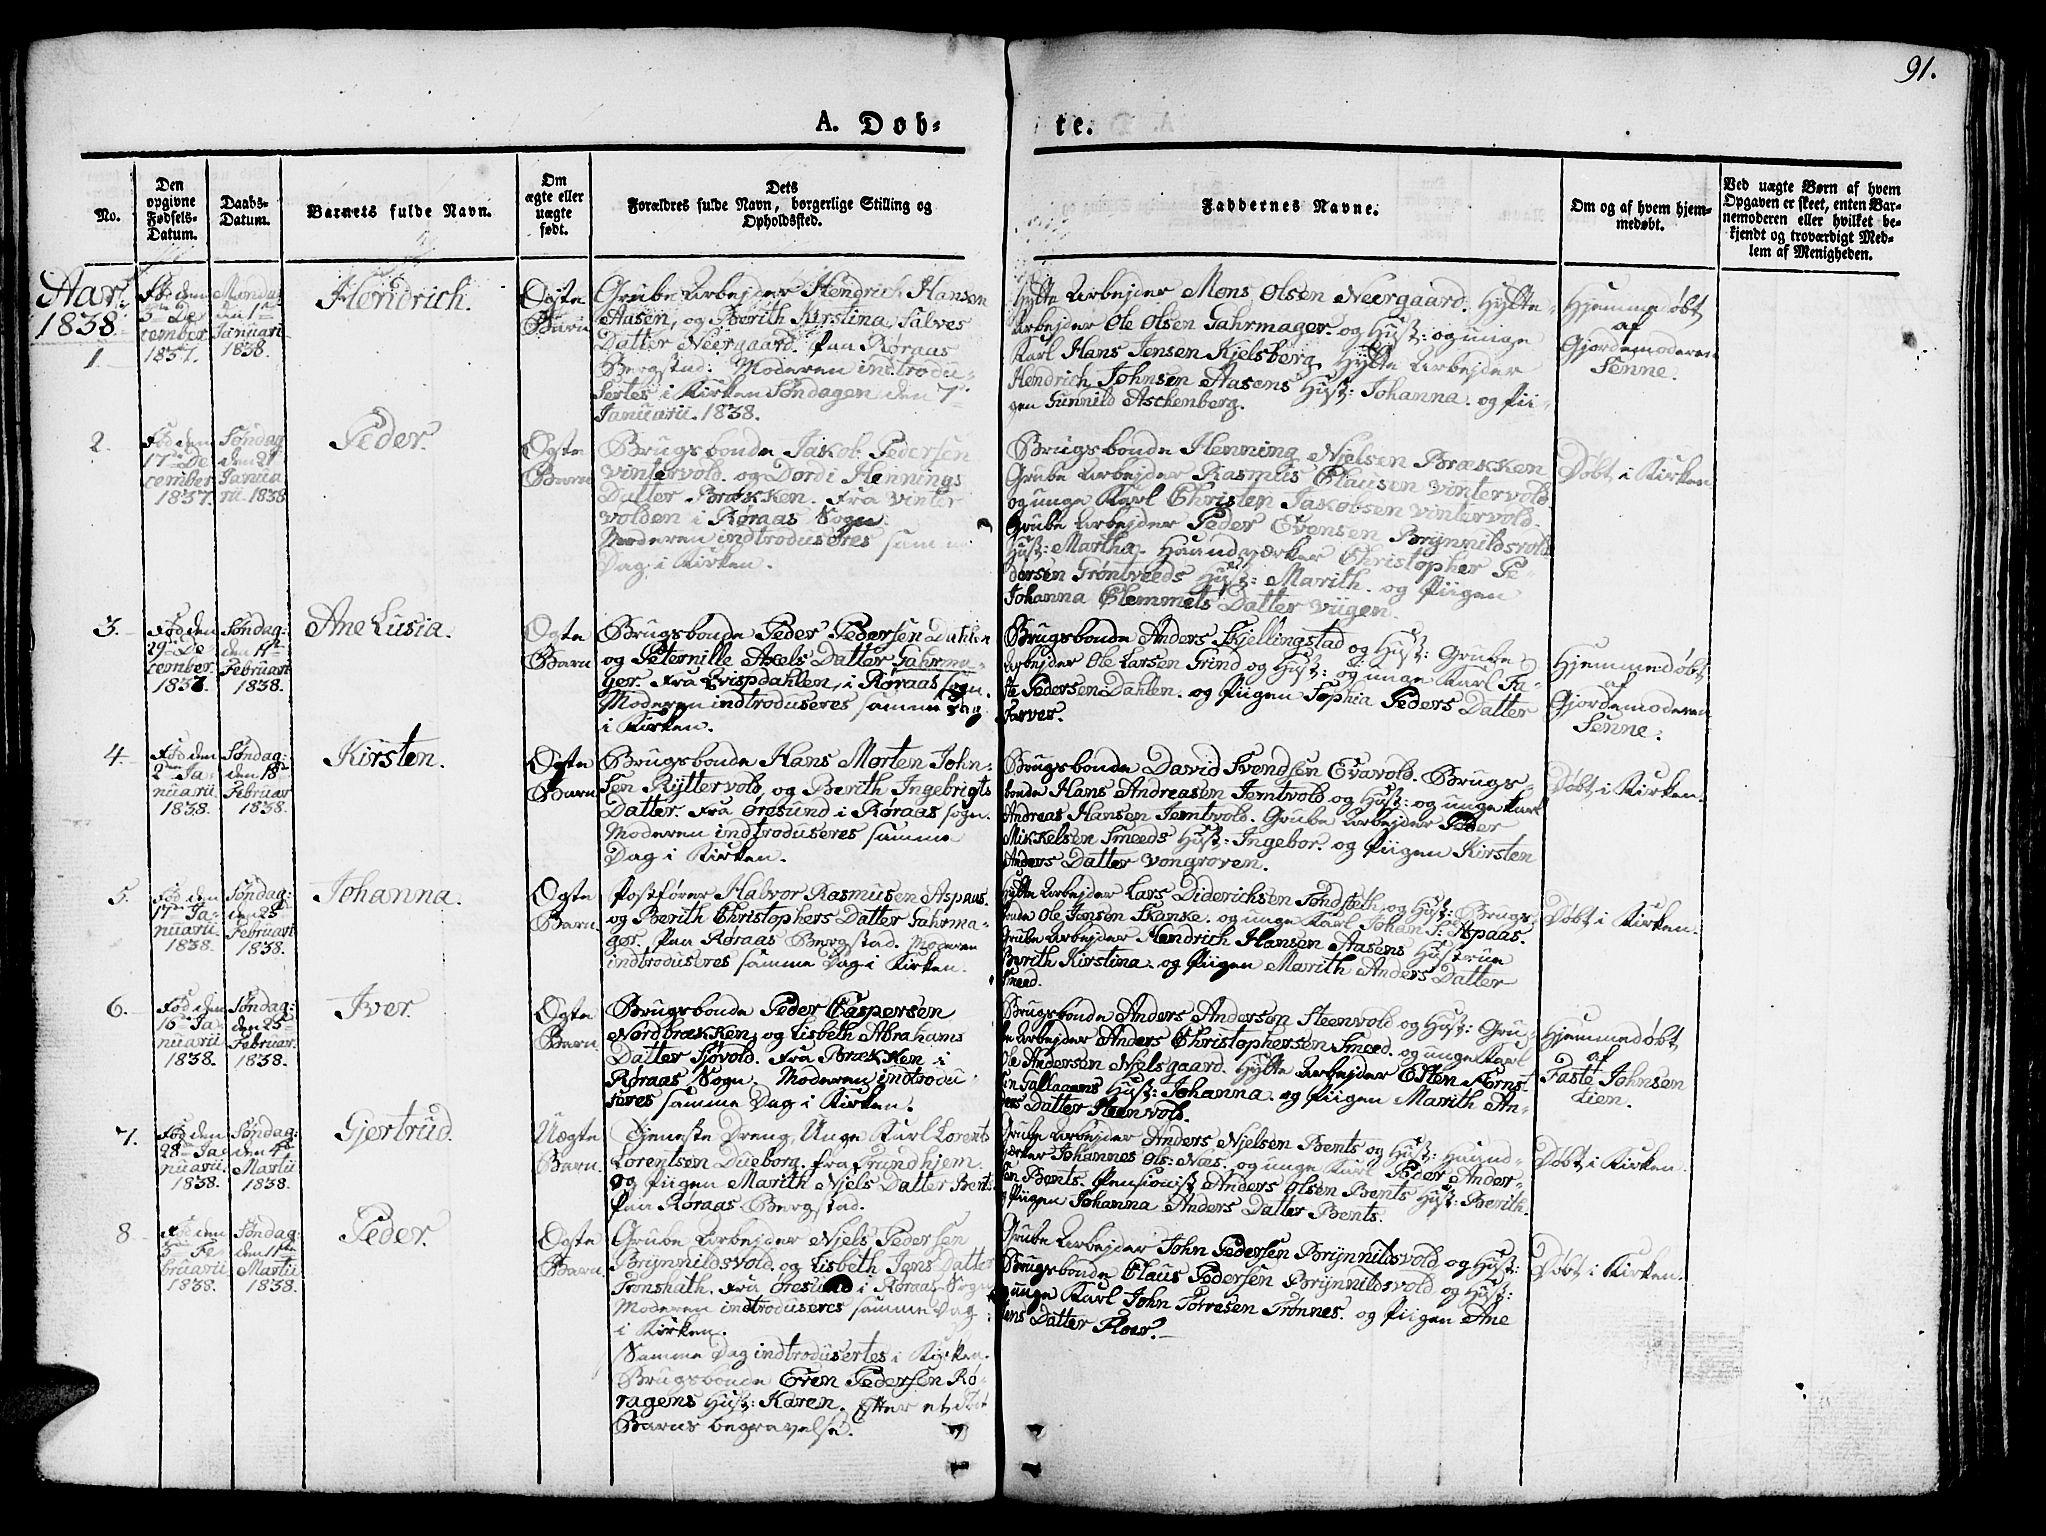 SAT, Ministerialprotokoller, klokkerbøker og fødselsregistre - Sør-Trøndelag, 681/L0938: Klokkerbok nr. 681C02, 1829-1879, s. 91